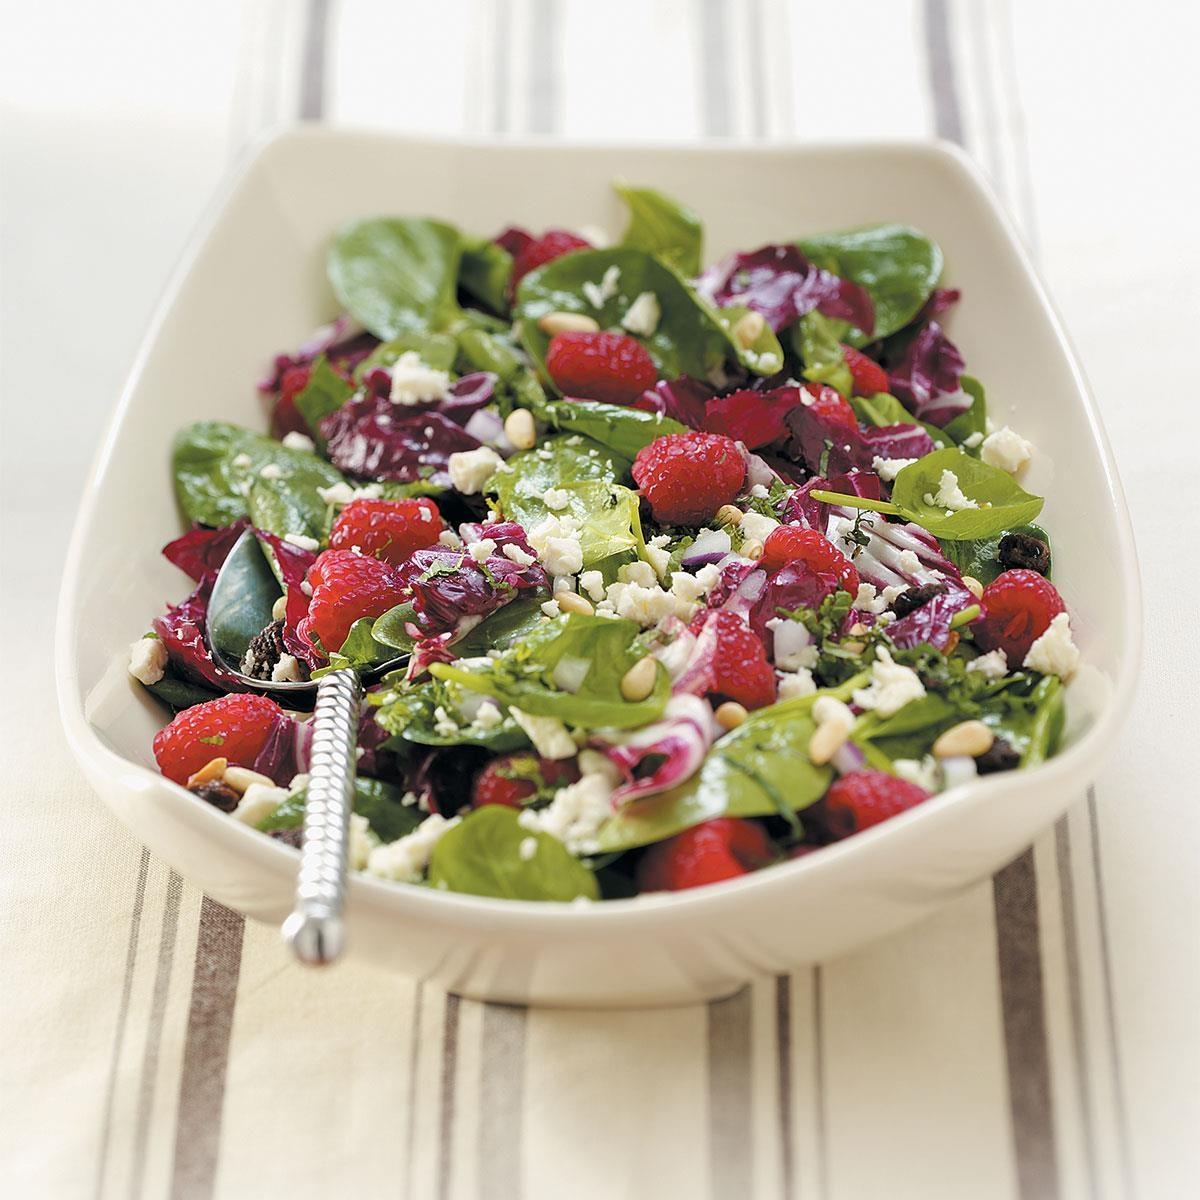 Special Radicchio-Spinach Salad Recipe